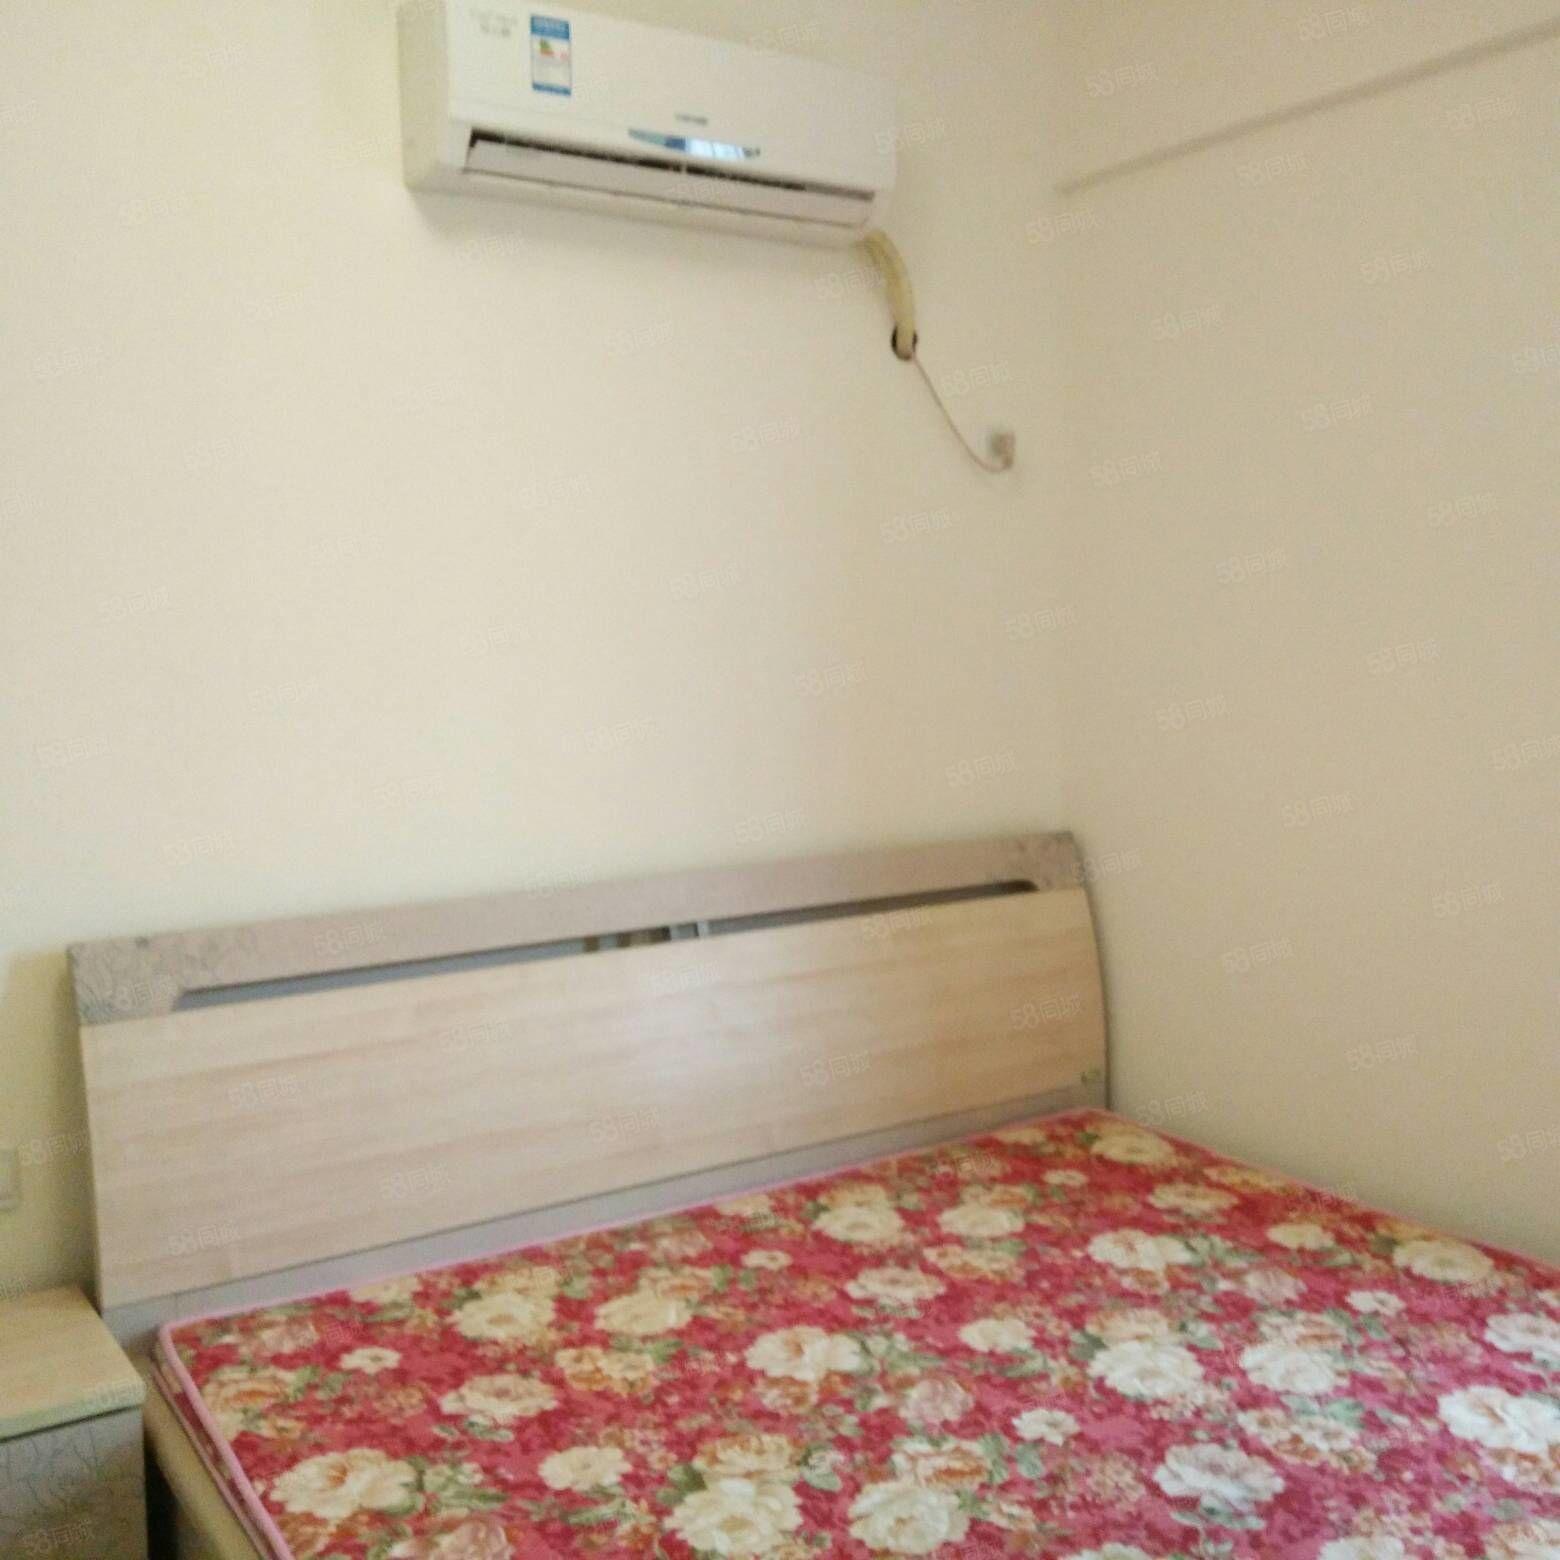 遠達小區,精裝修,家具家電齊全,有全新空調冰箱洗衣機房子干凈